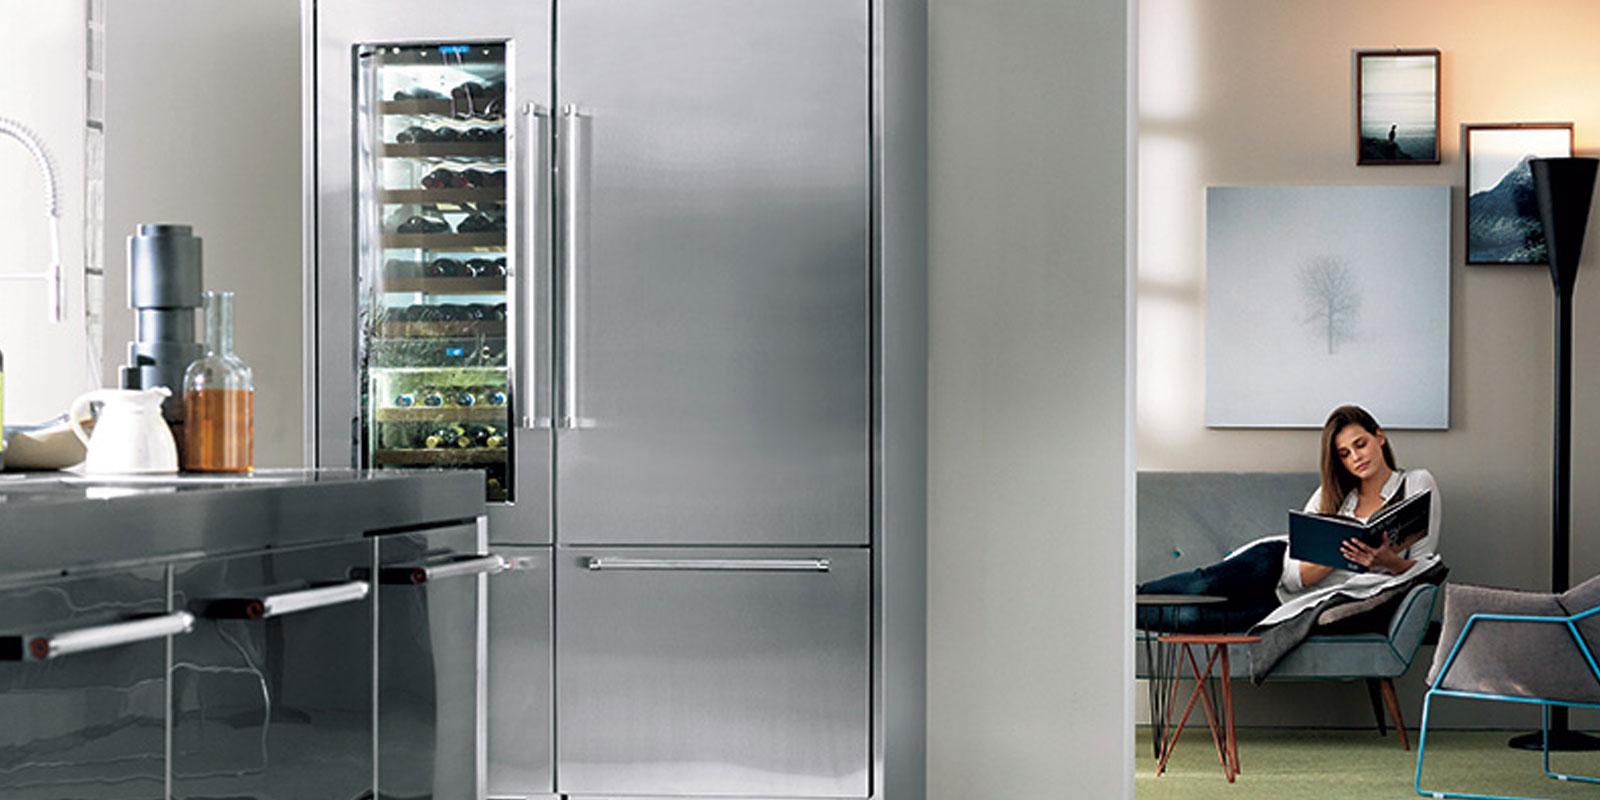 collection vertigo r frig rateur combin int grable 90 cm kczcx 20901l site officiel kitchenaid. Black Bedroom Furniture Sets. Home Design Ideas